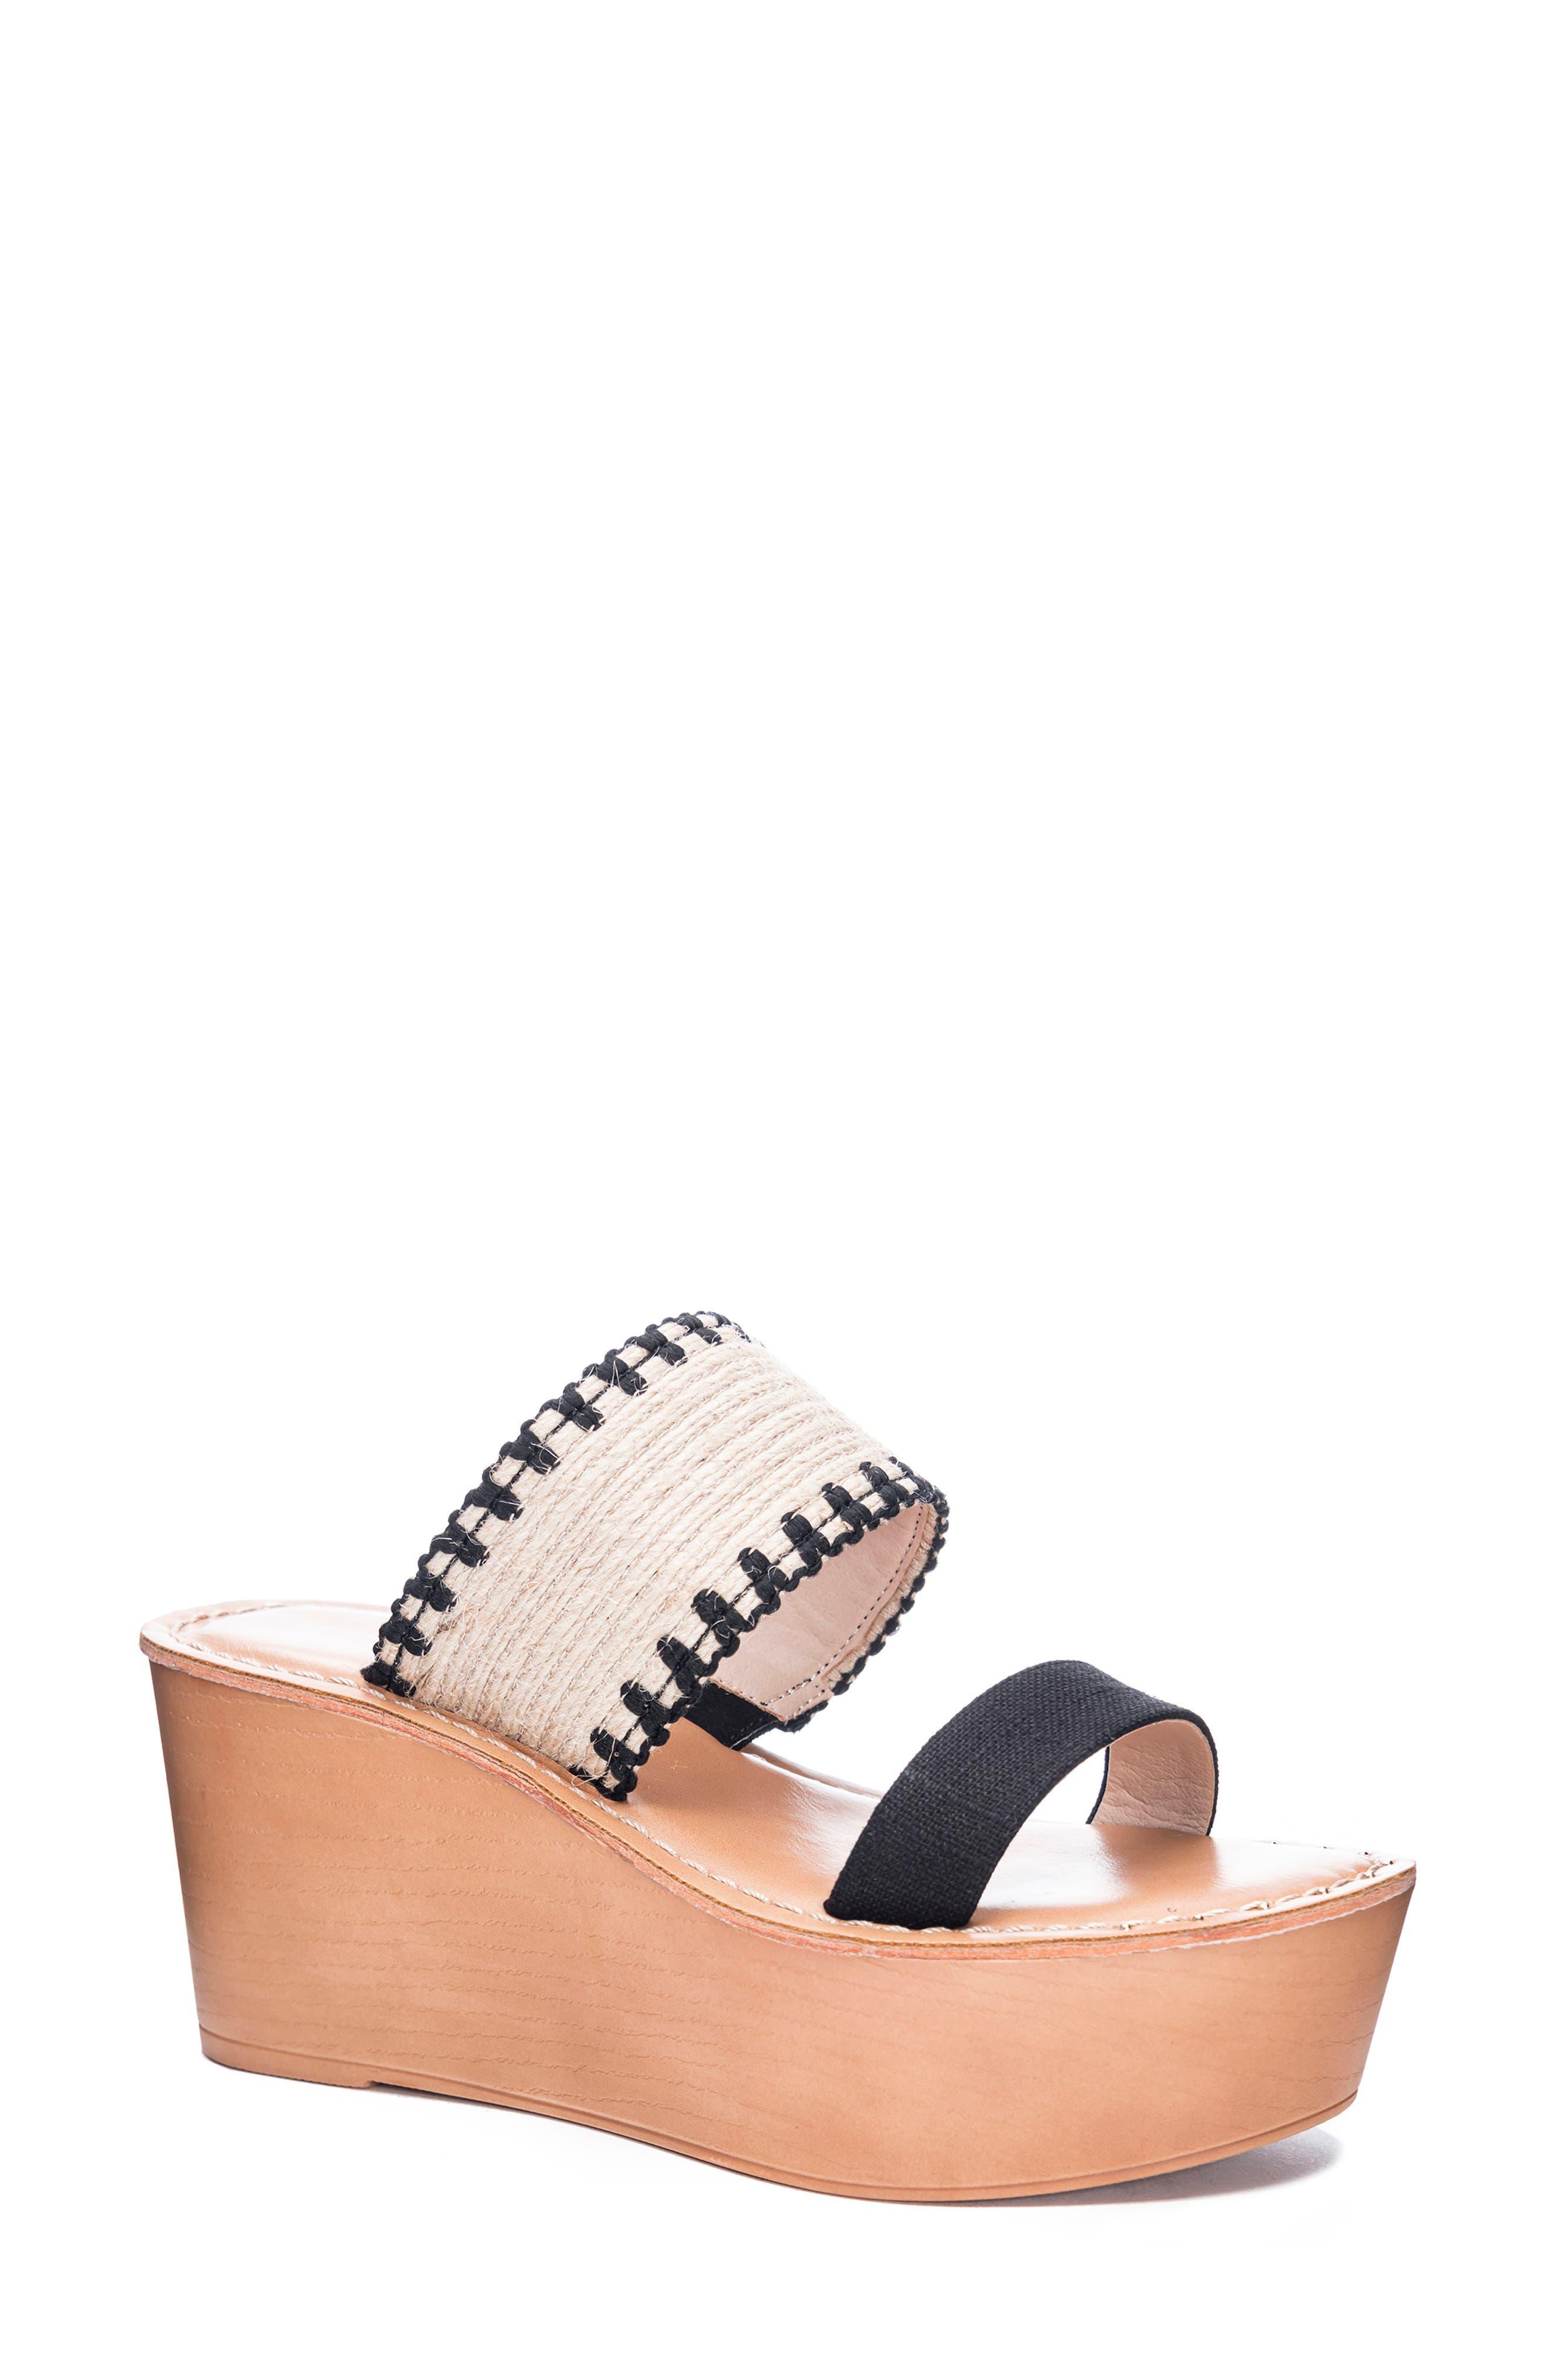 Wind Wedge Sandal